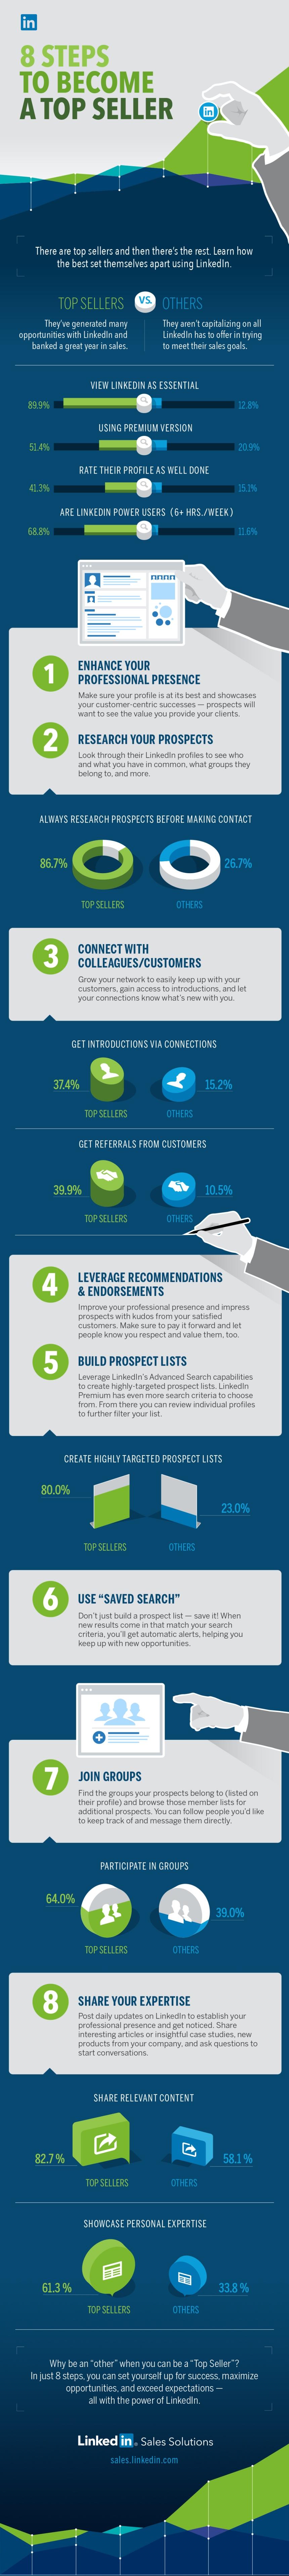 8 pasos para ser el mejor vendedor